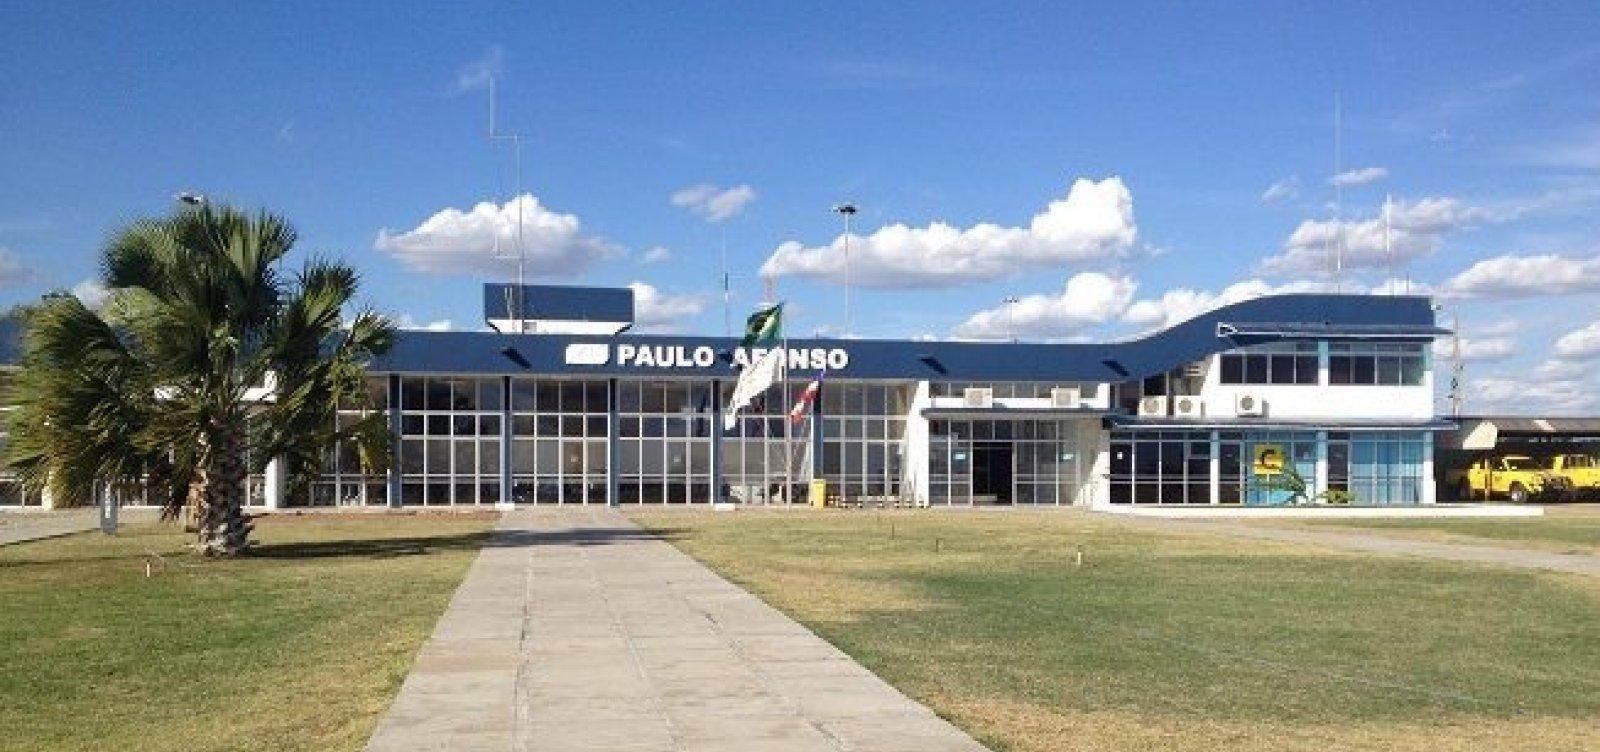 Prefeitura de Paulo Afonso decreta 'toque de recolher' para conter avanço da Covid-19